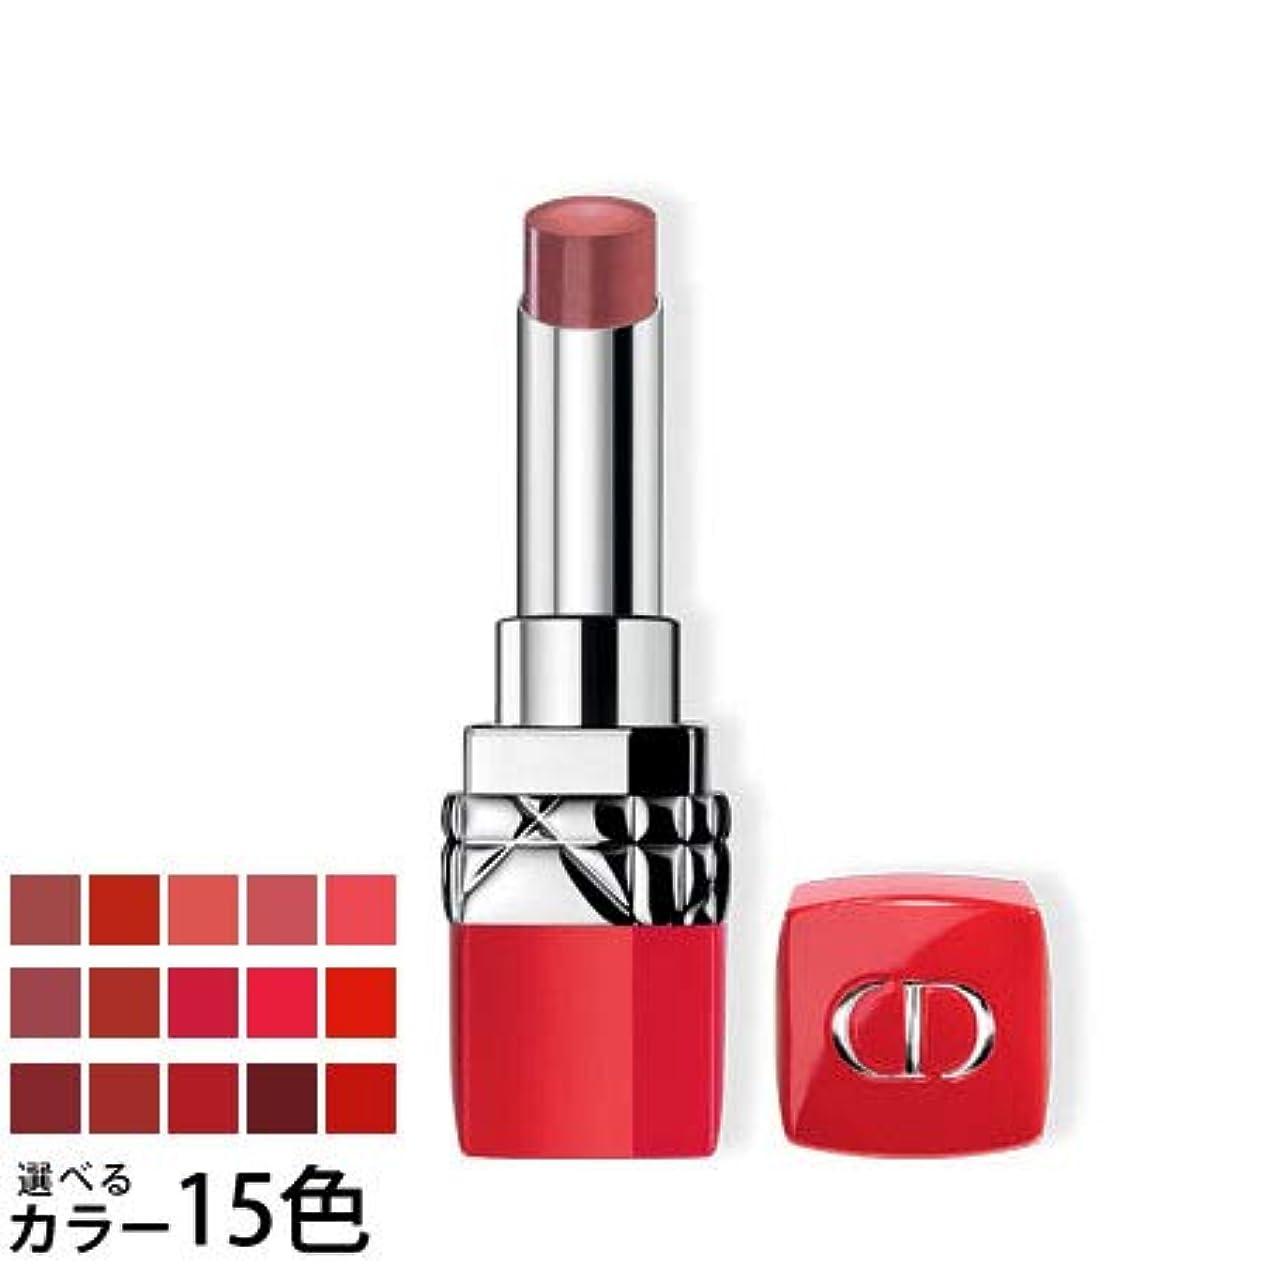 ポルノ耳ランデブーディオール ルージュ ディオール ウルトラ ルージュ 選べる15色 -Dior- 325